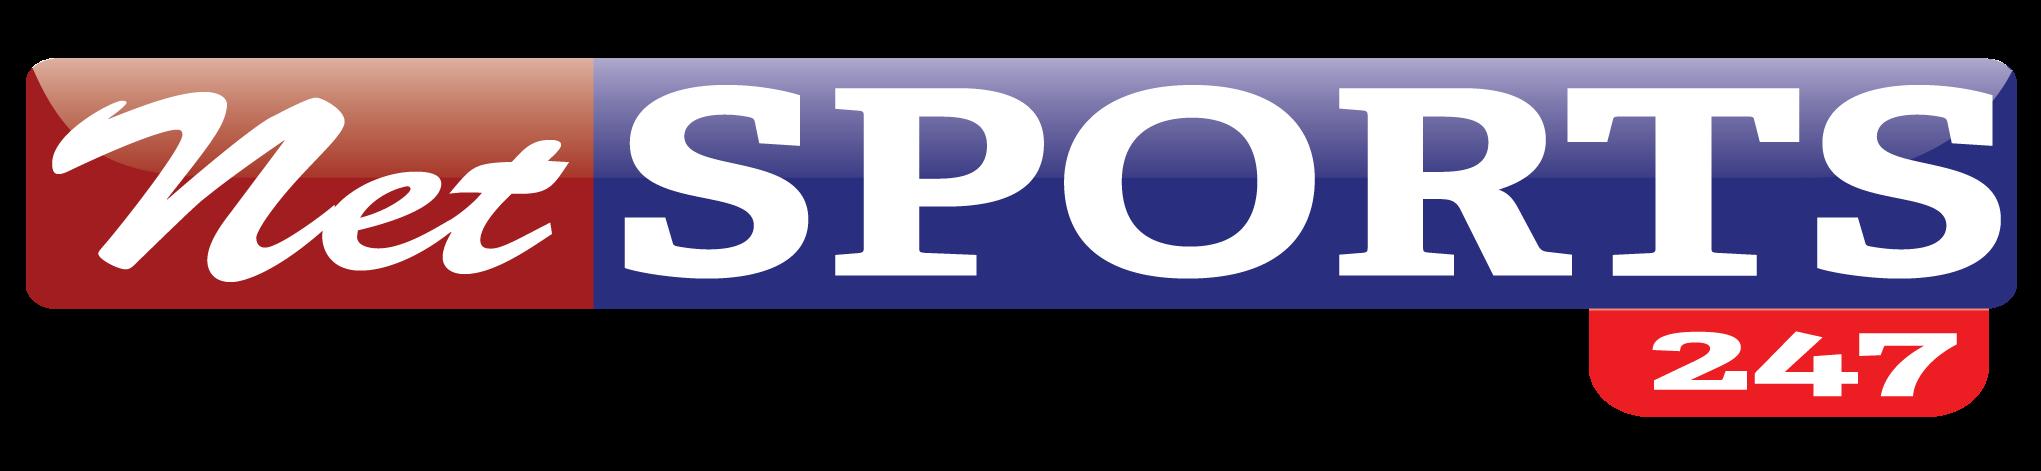 Net sports 247